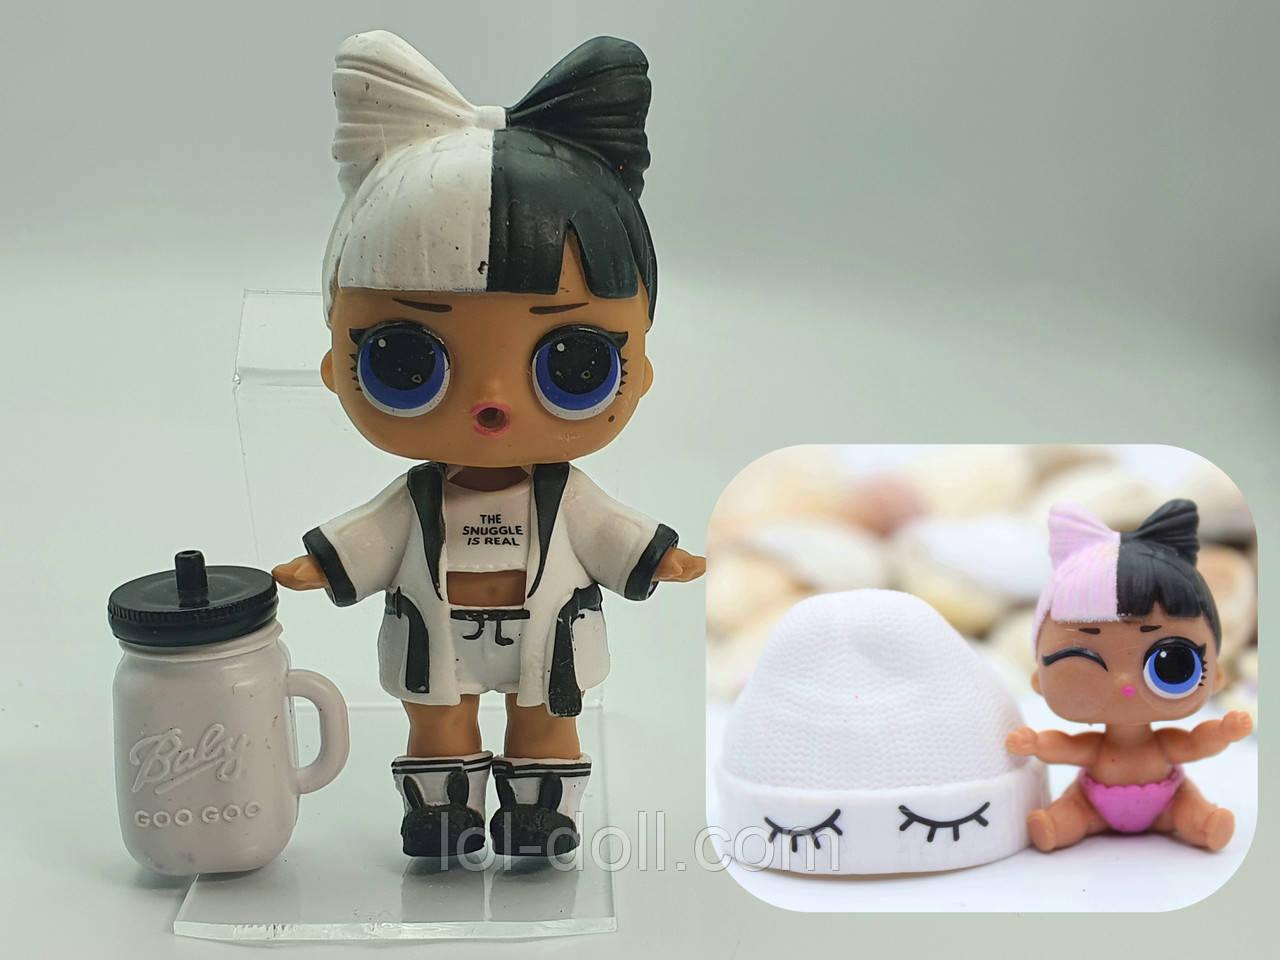 Семья Кукла LOL Surprise 3 Серия Snuggle babe - Леди Вечеринка Лол Сюрприз Оригинал